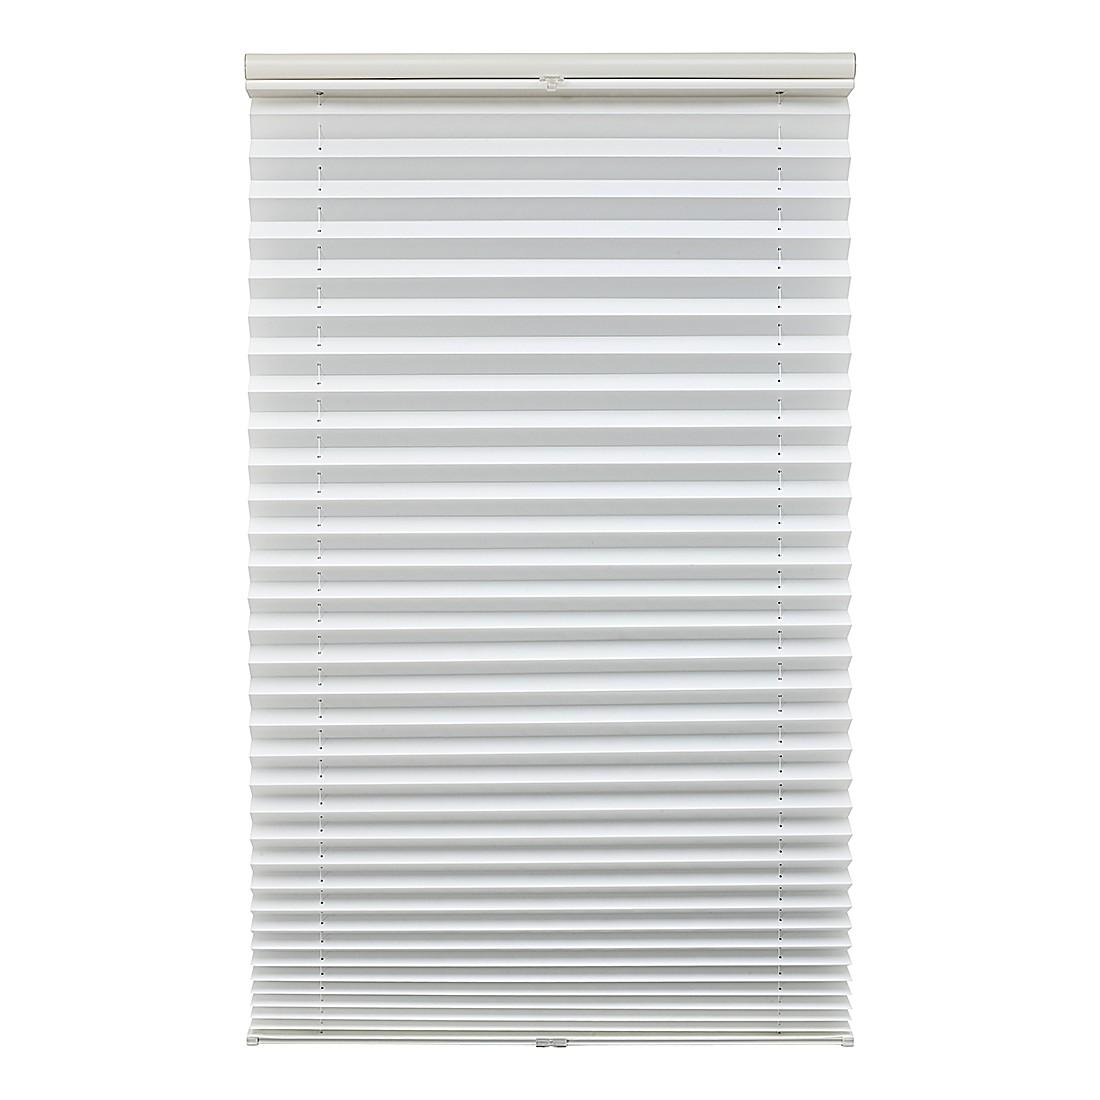 Plissee Klemmfix – Polyester, Aluminium, Weiß -Abmessungen (B x L): 90 x 220 cm, Lichtblick online bestellen